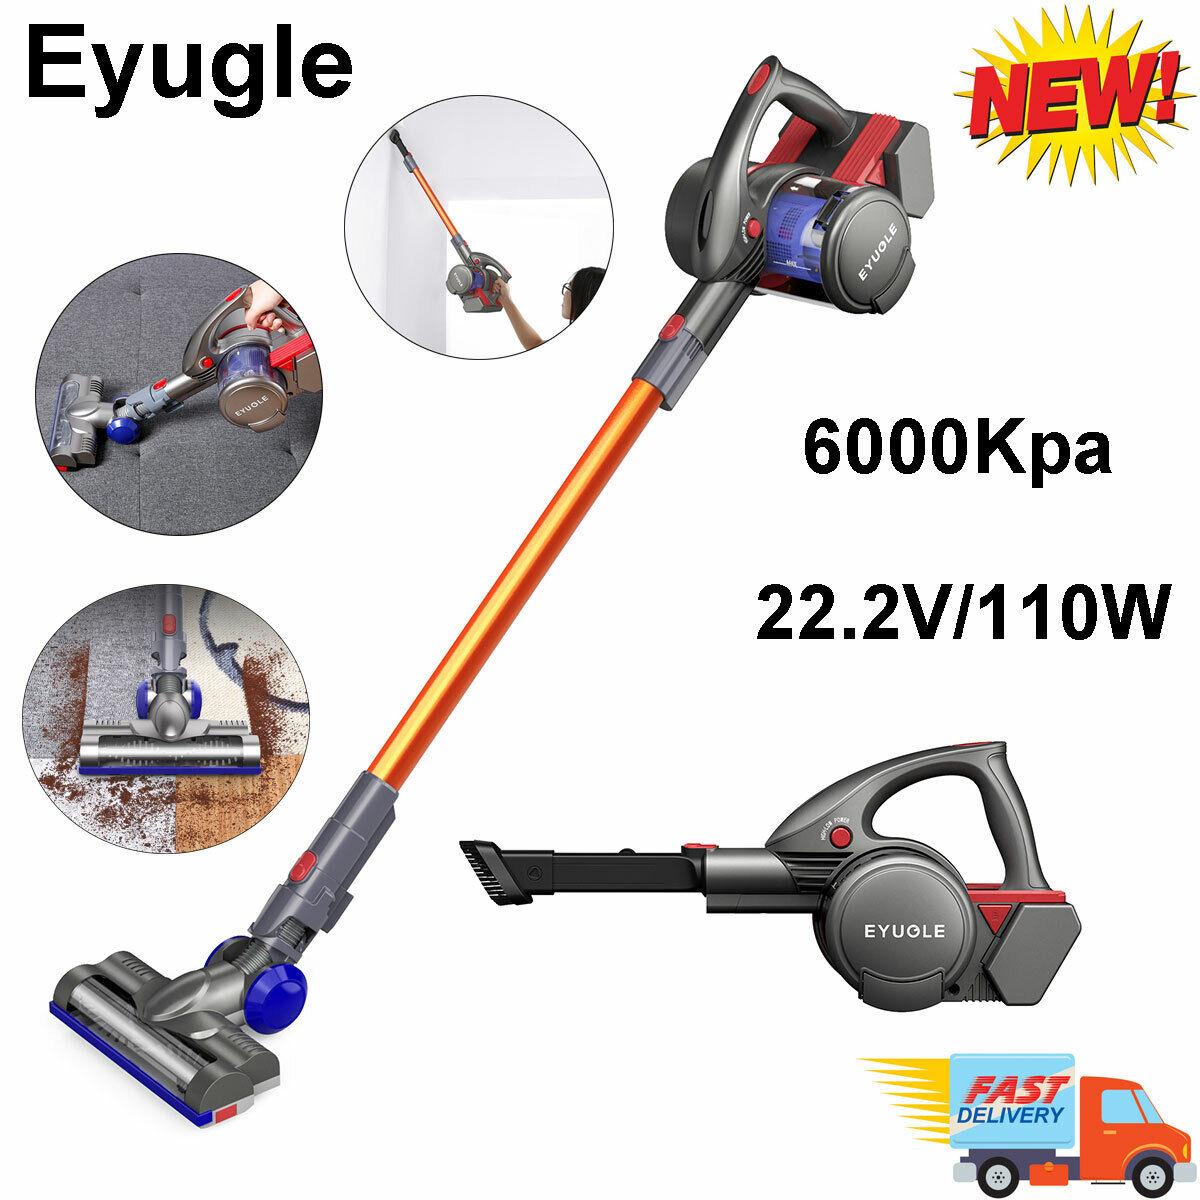 Eyugle 1 en 2-sans fil Aspirateur à main électrique Plancher Brosse 6000Kpa 110 W